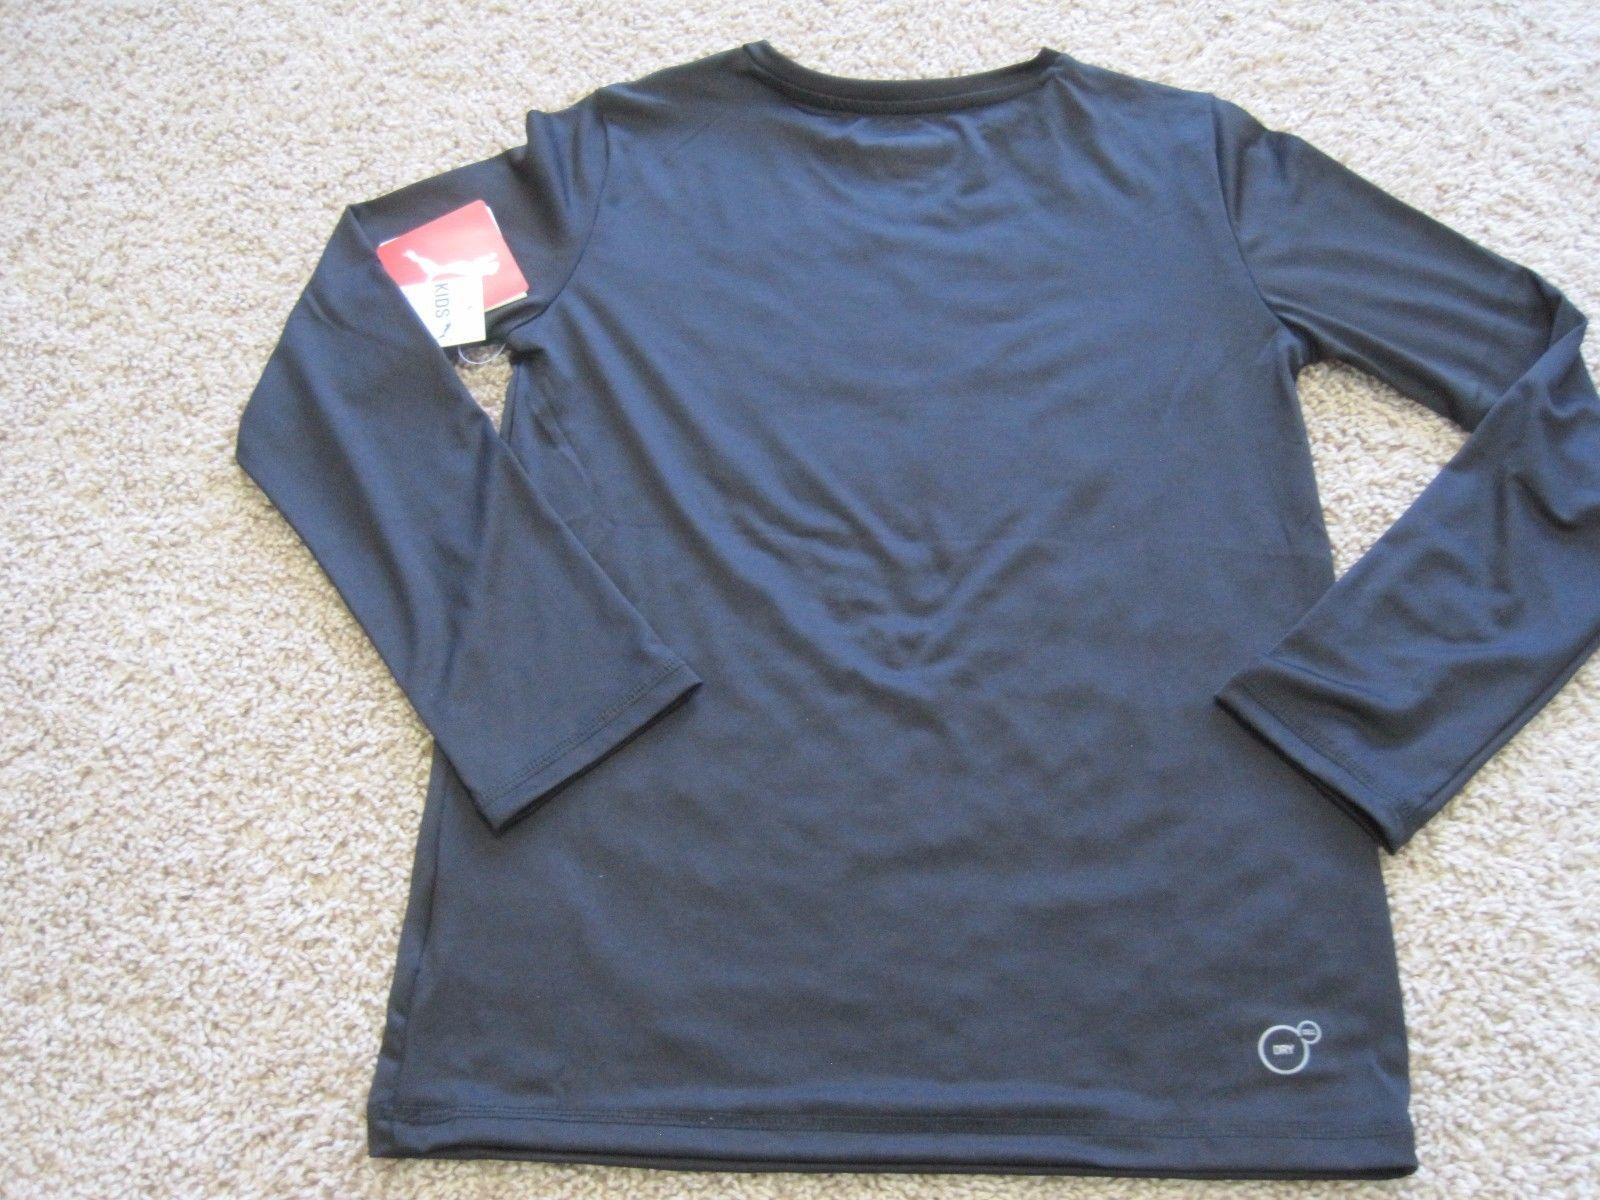 55377eae286 BNWT Puma Cell boys' active t-shirt, long sleeve, black, crew